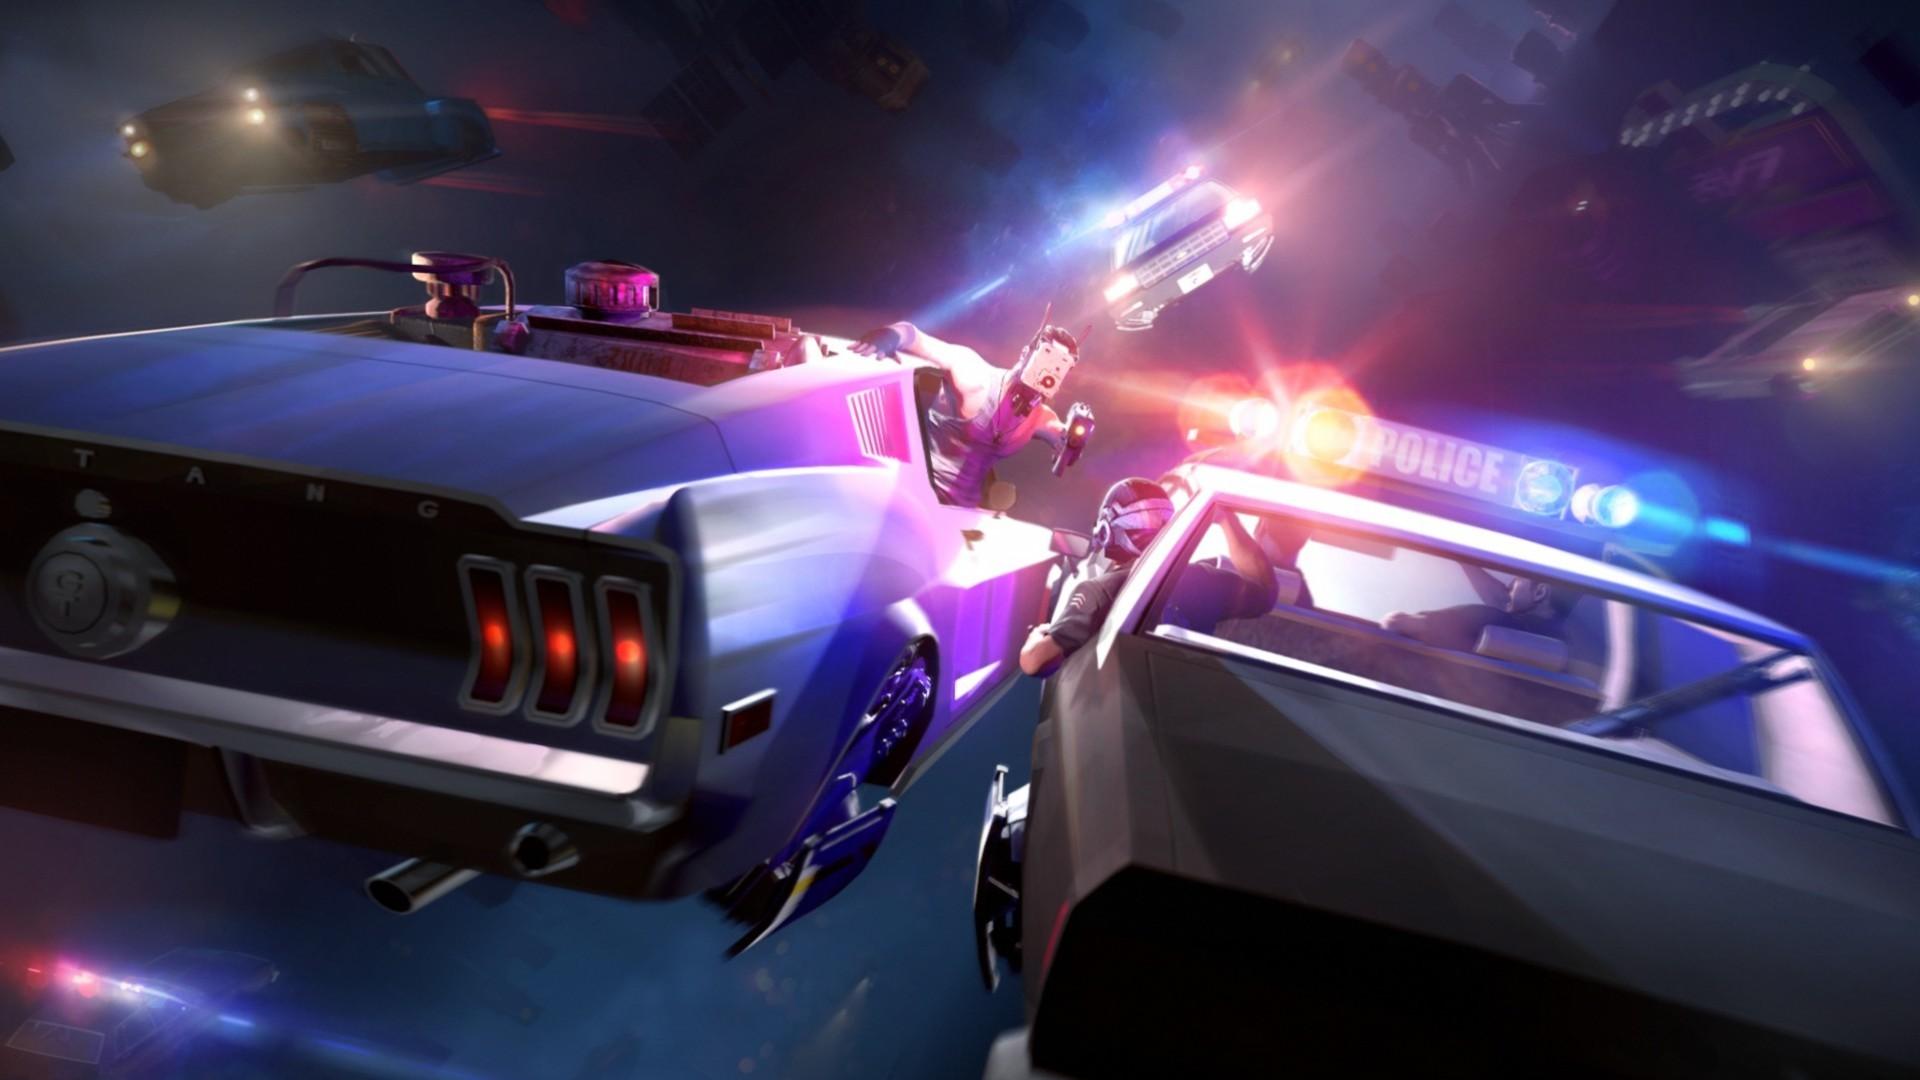 Hình nền : cảnh sát, Súng, xe hơi, 3D, tương lai, Tác phẩm nghệ thuật, Ford Mustang, Siêu xe, Ảnh chụp màn hình, Ô tô làm, Xe hạng sang, triển lãm xe ...